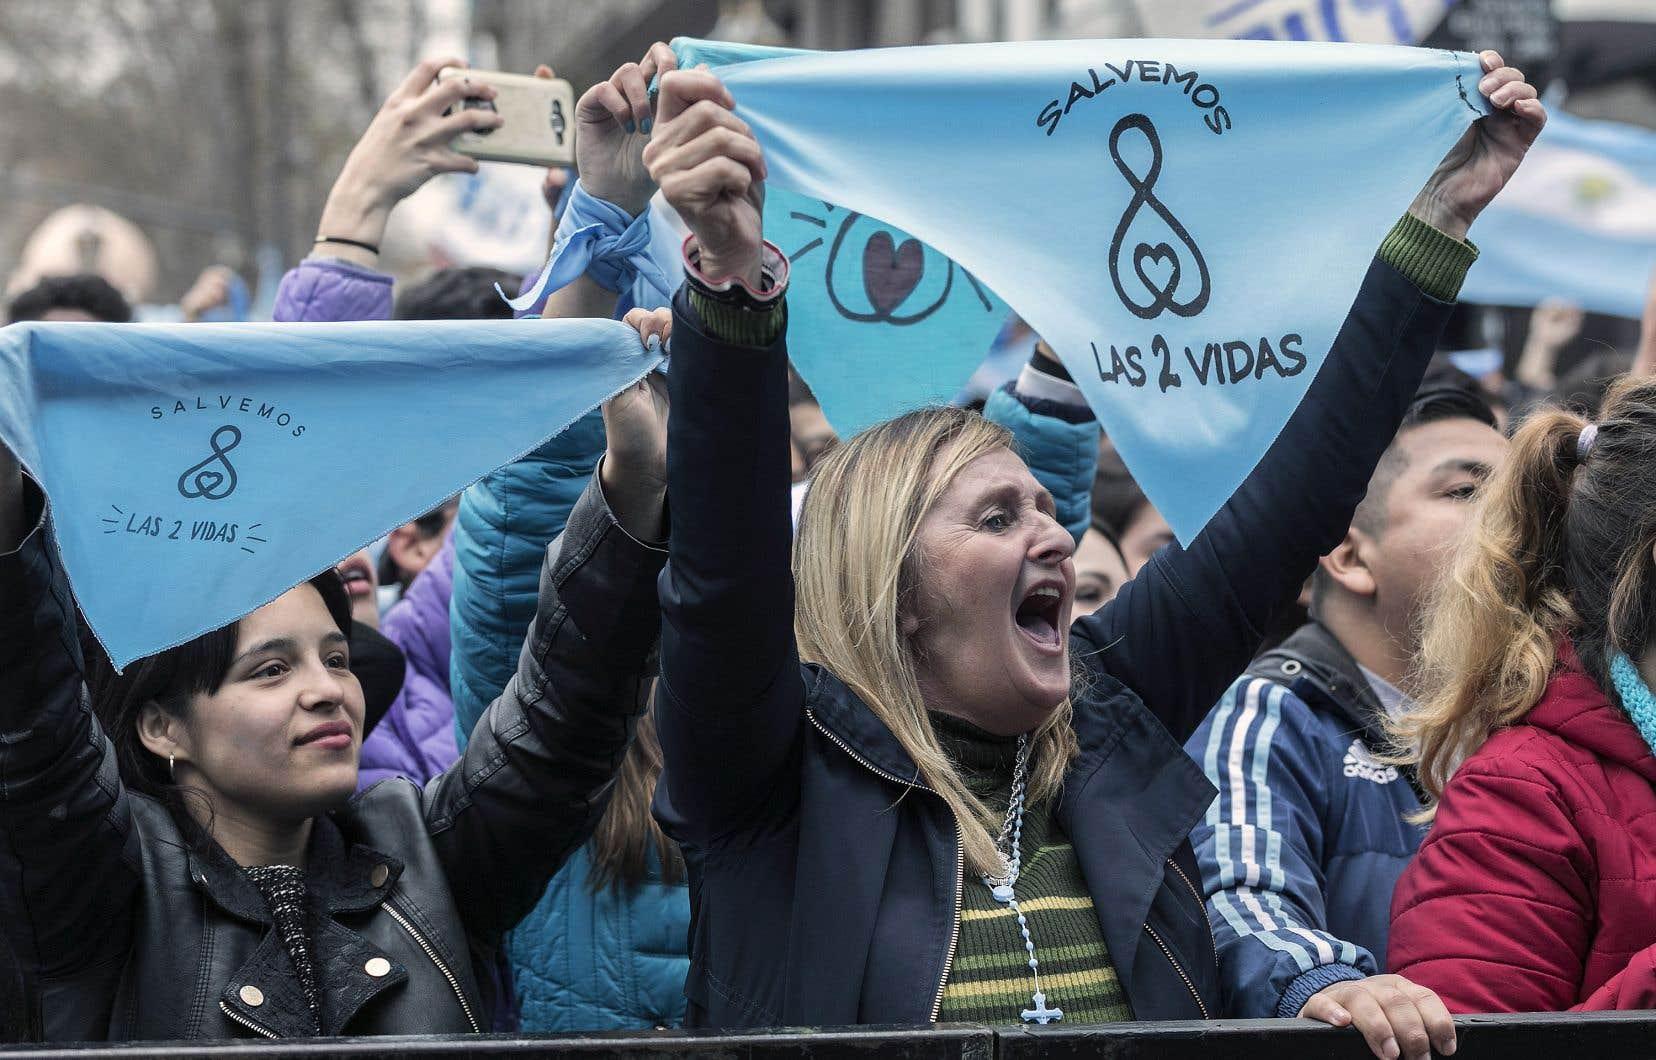 Des militants anti-avortement se sont réunis, mercredi, devant le Congrès national où le Sénat débat de la loi sur la légalisation ou non de l'avortement.